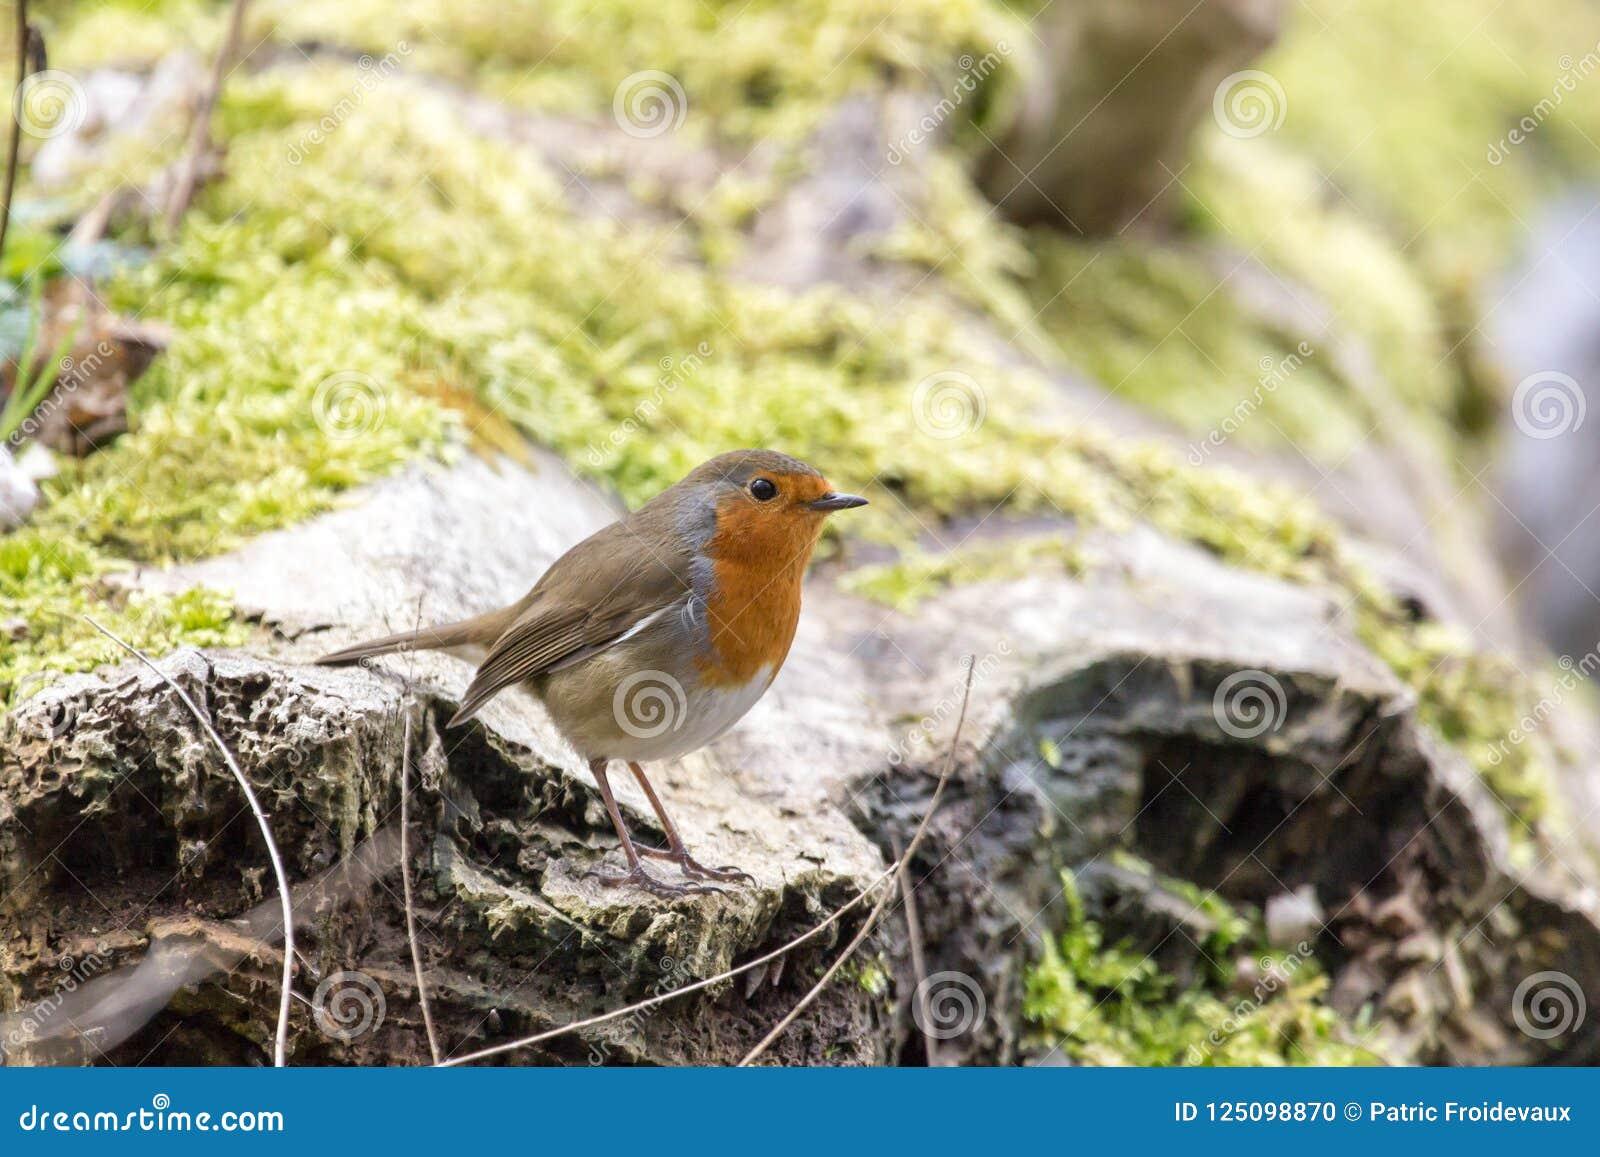 Leuke Europese Robin - erithacusrubecula - op een boomstam